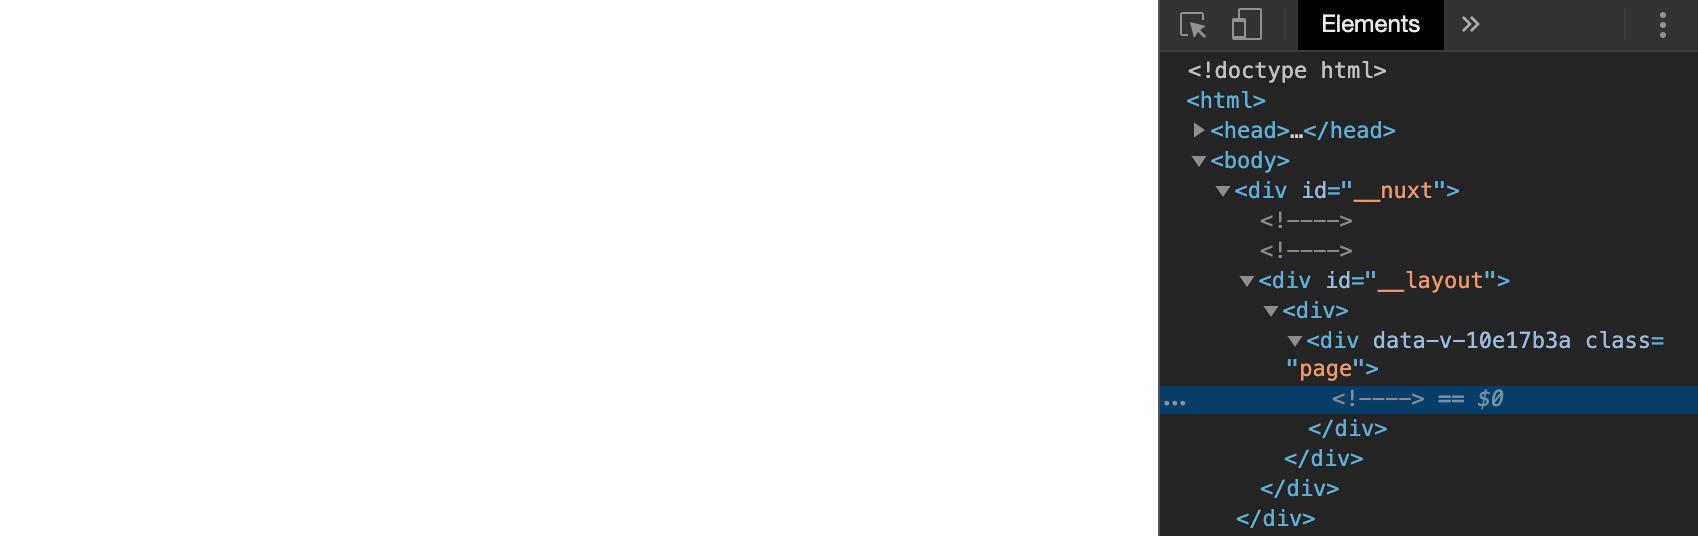 スクリーンショット 2020-05-26 16.50.59.png